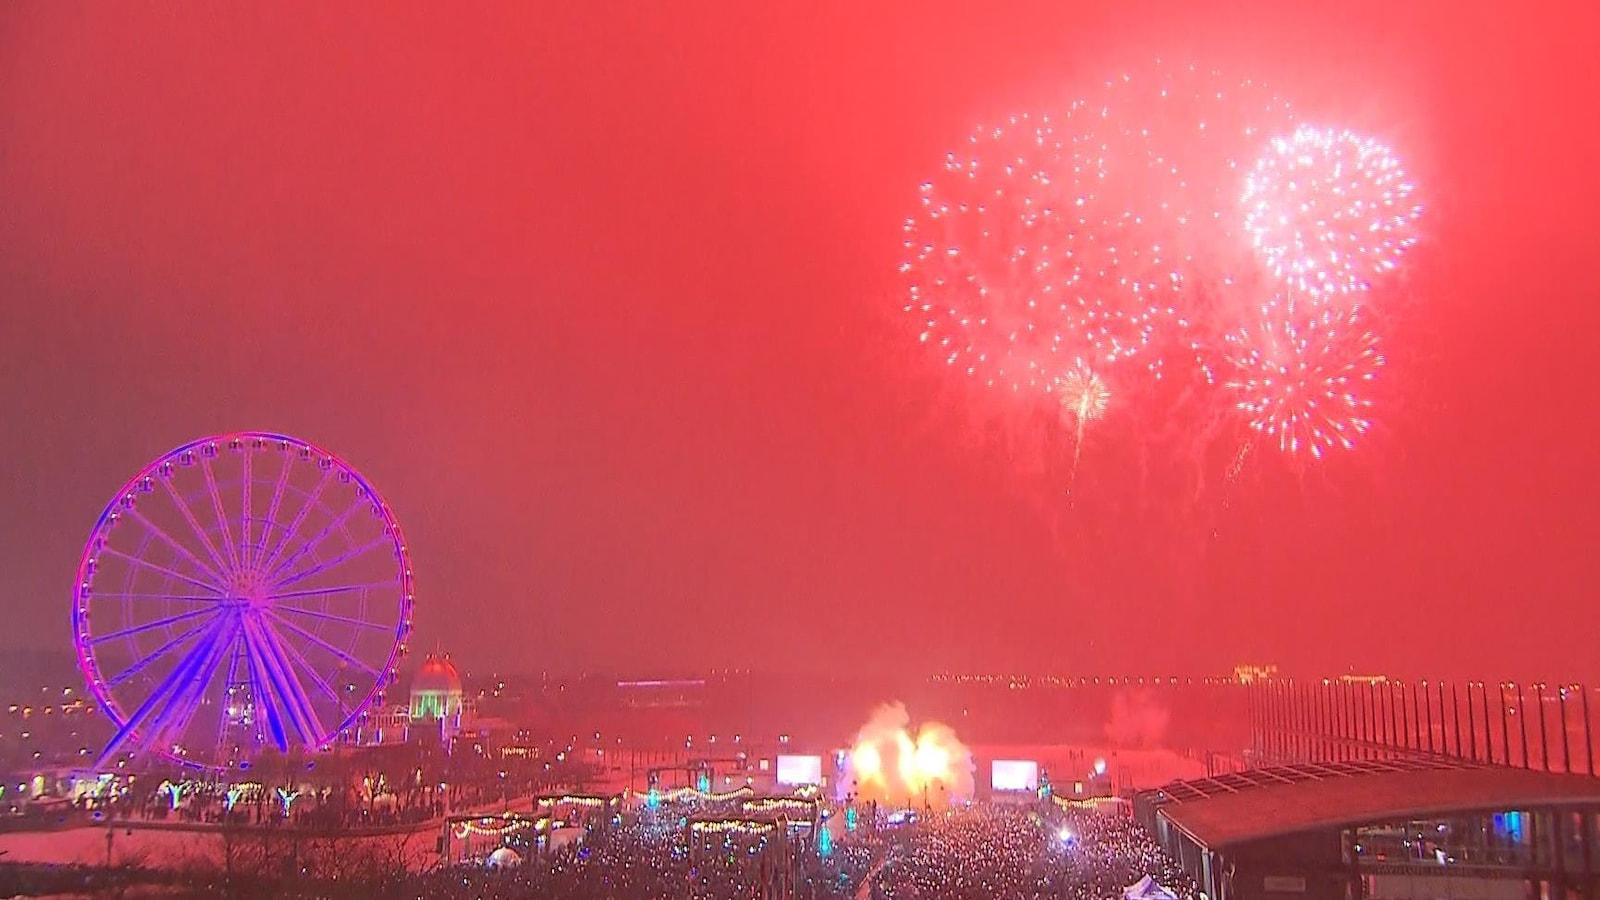 Un feu d'artifice illumine le ciel.